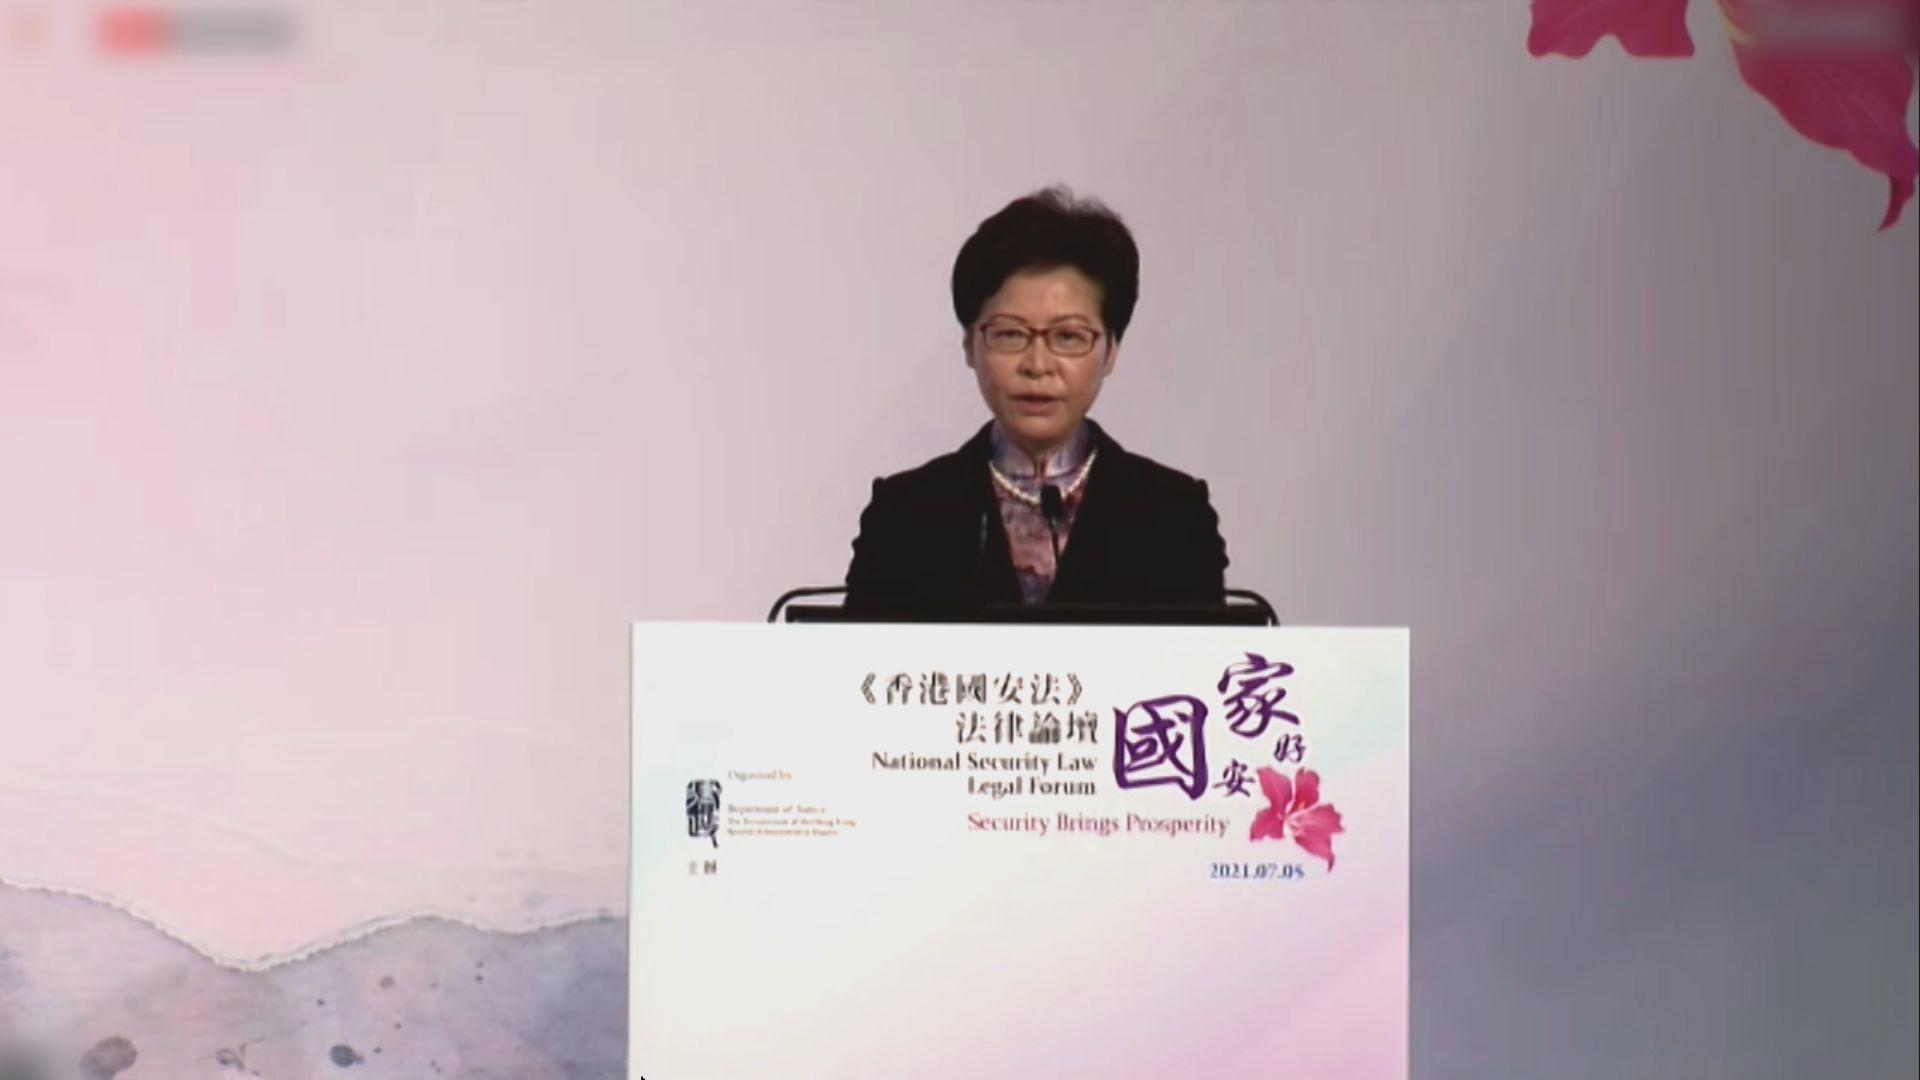 林鄭:國安法無損港人人權 未來會全方位實踐